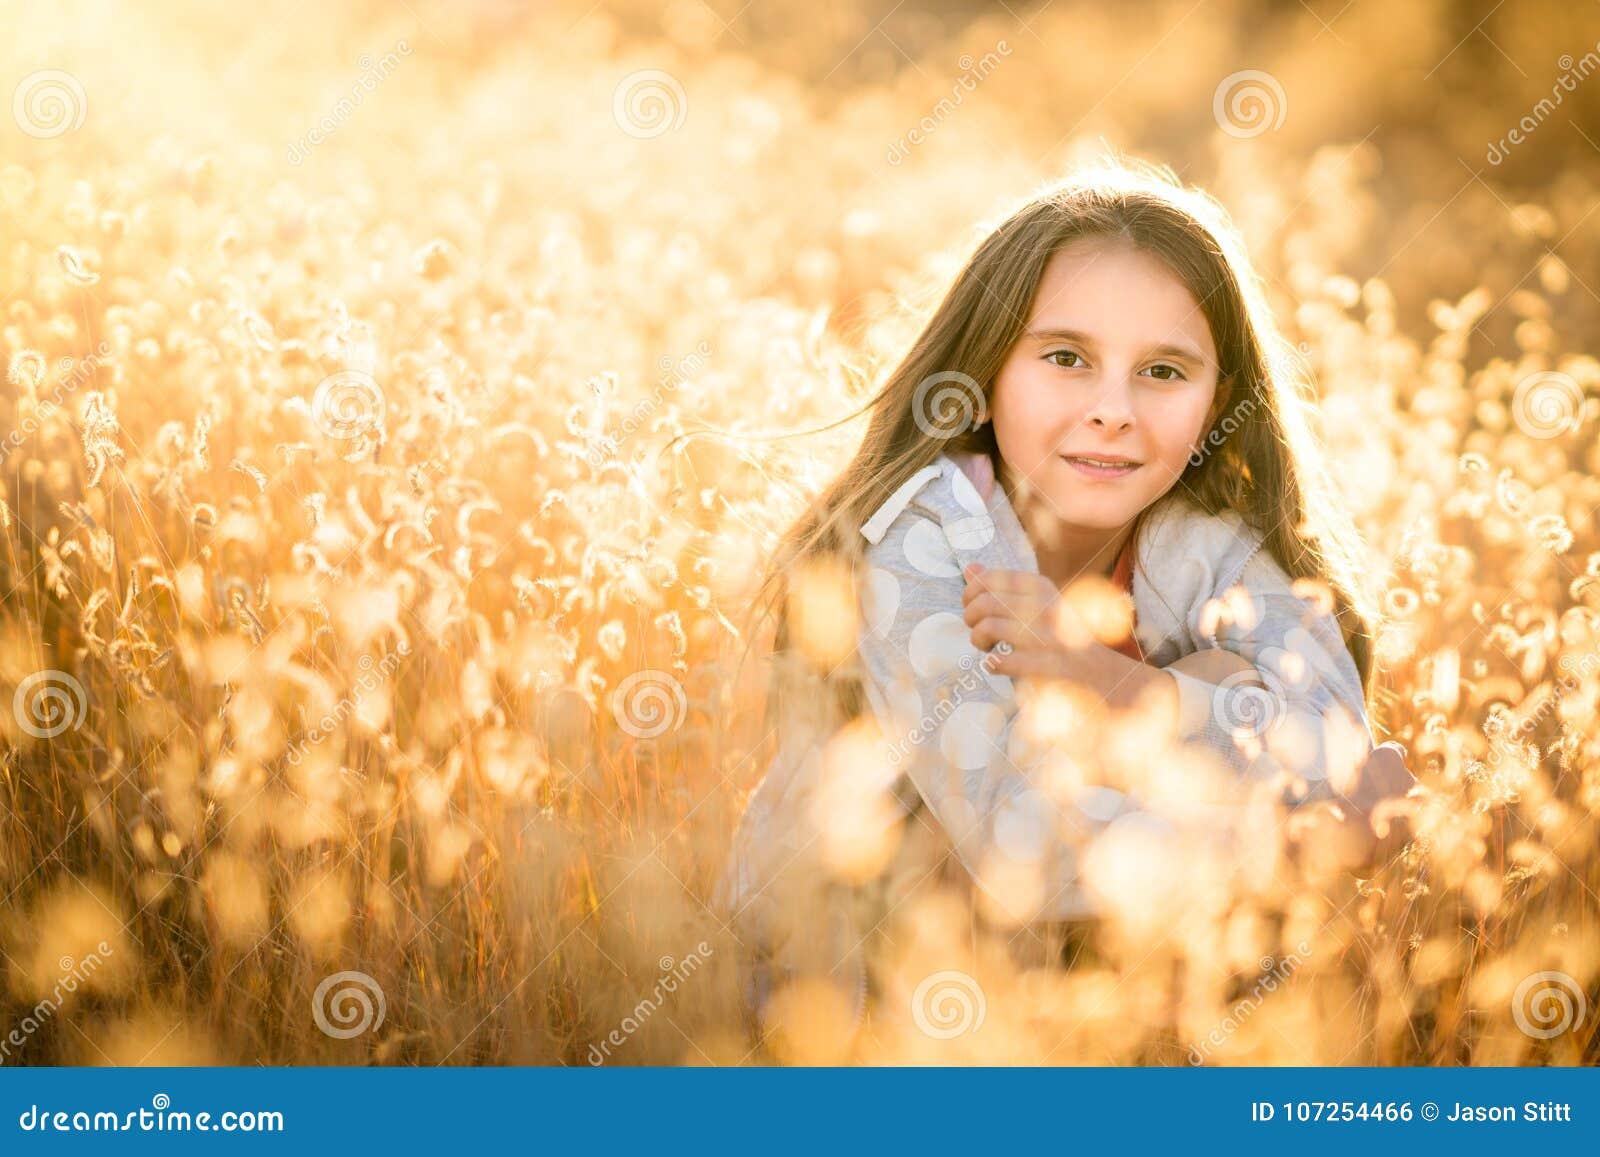 Dziewczyna w Suchej Wysokiej trawie